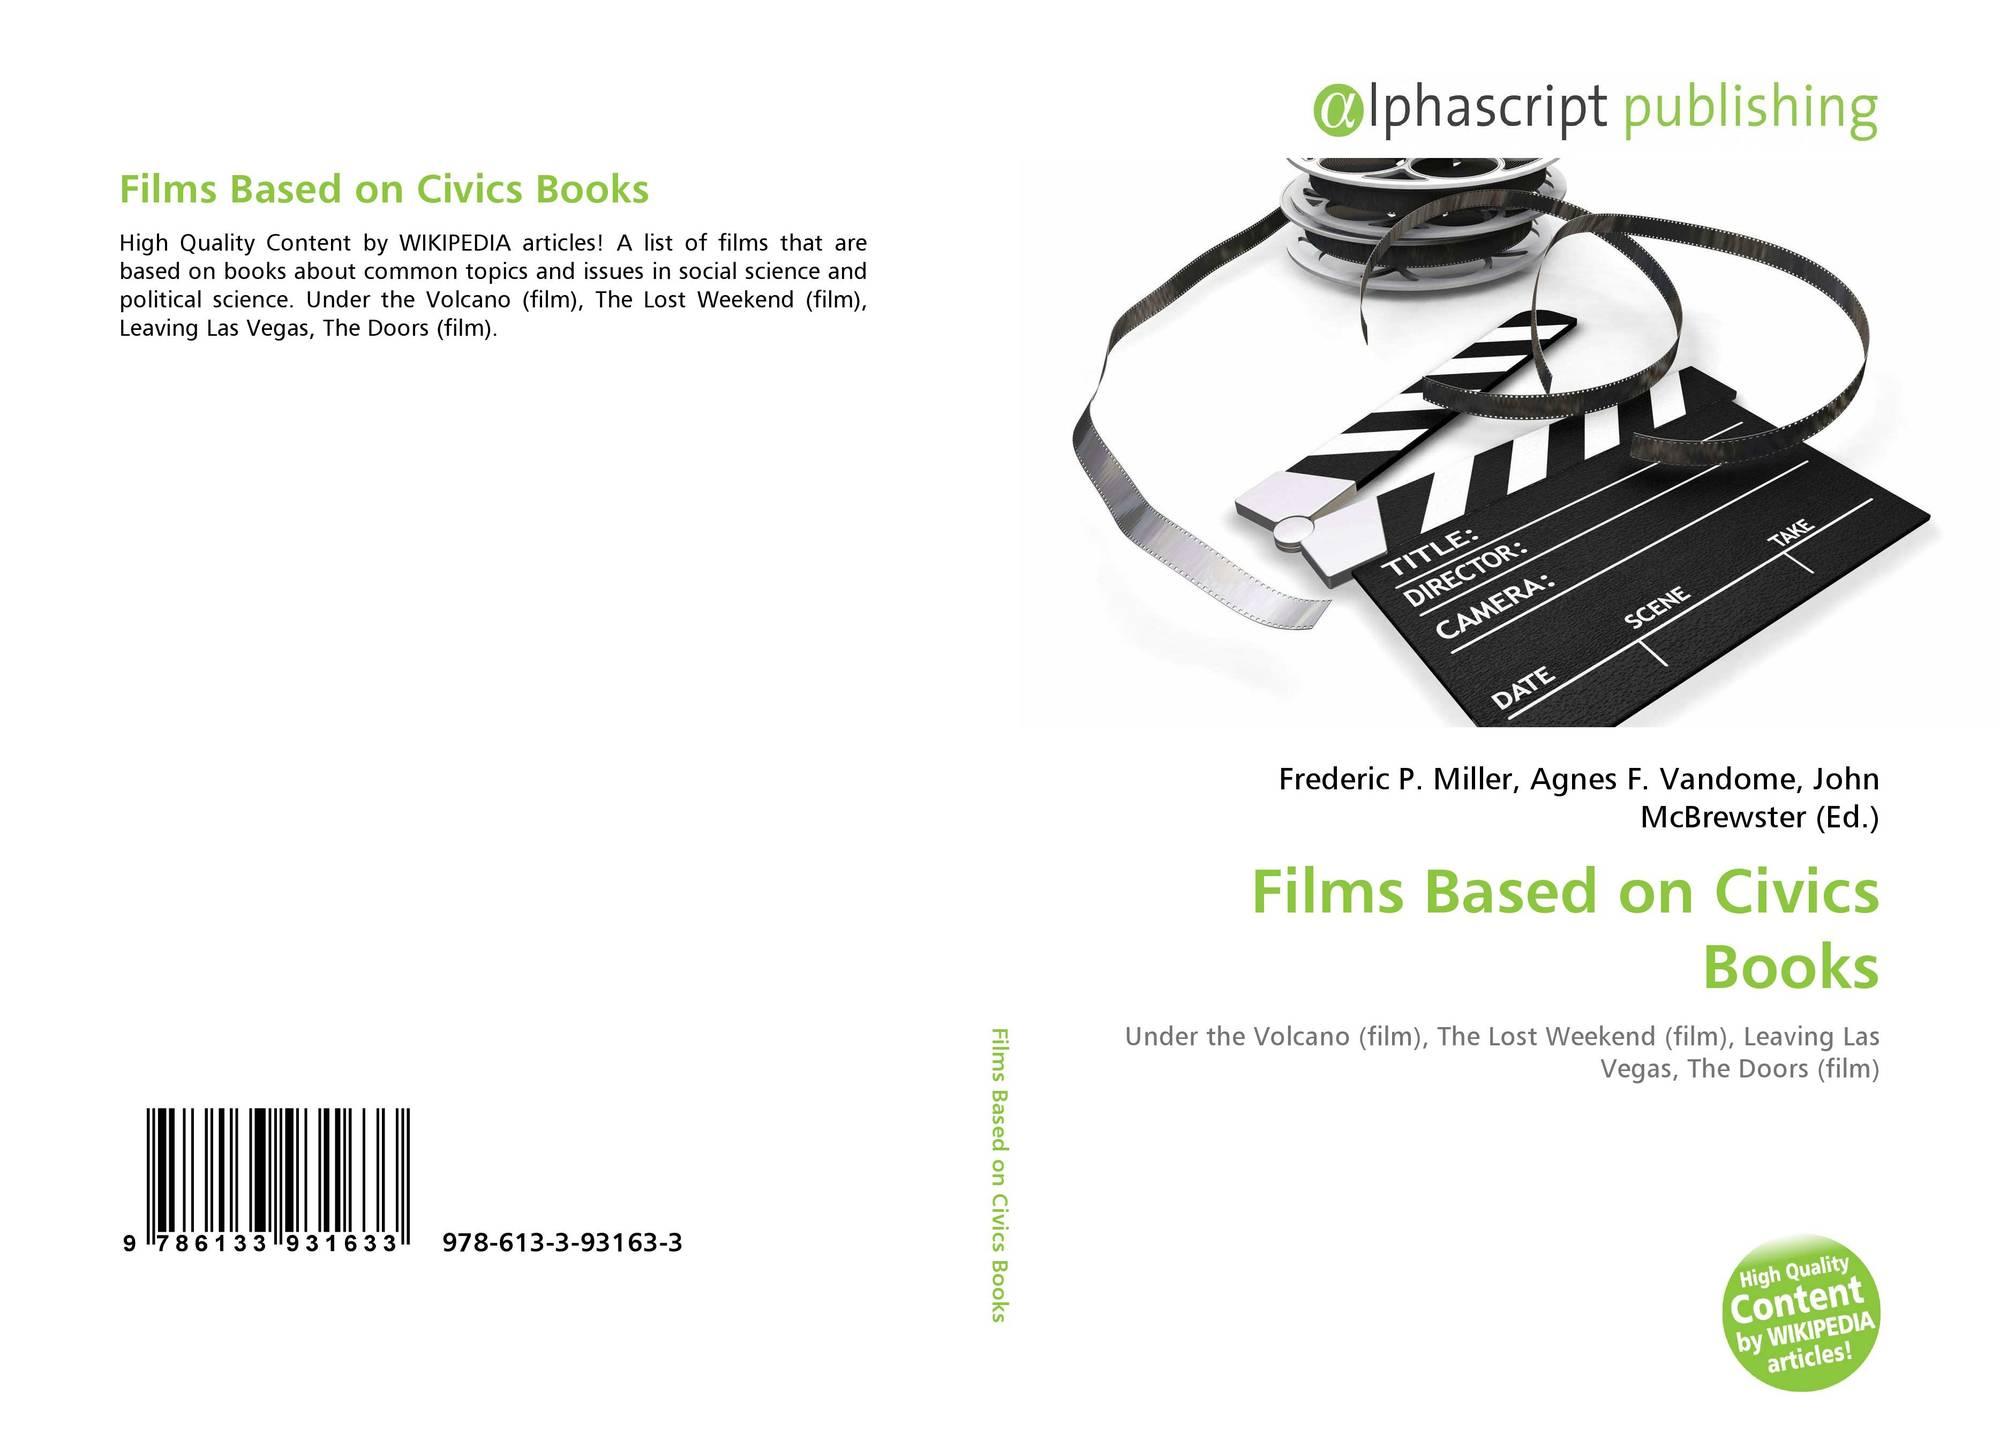 Films Based on Civics Books, 978-613-3-93163-3, 6133931639